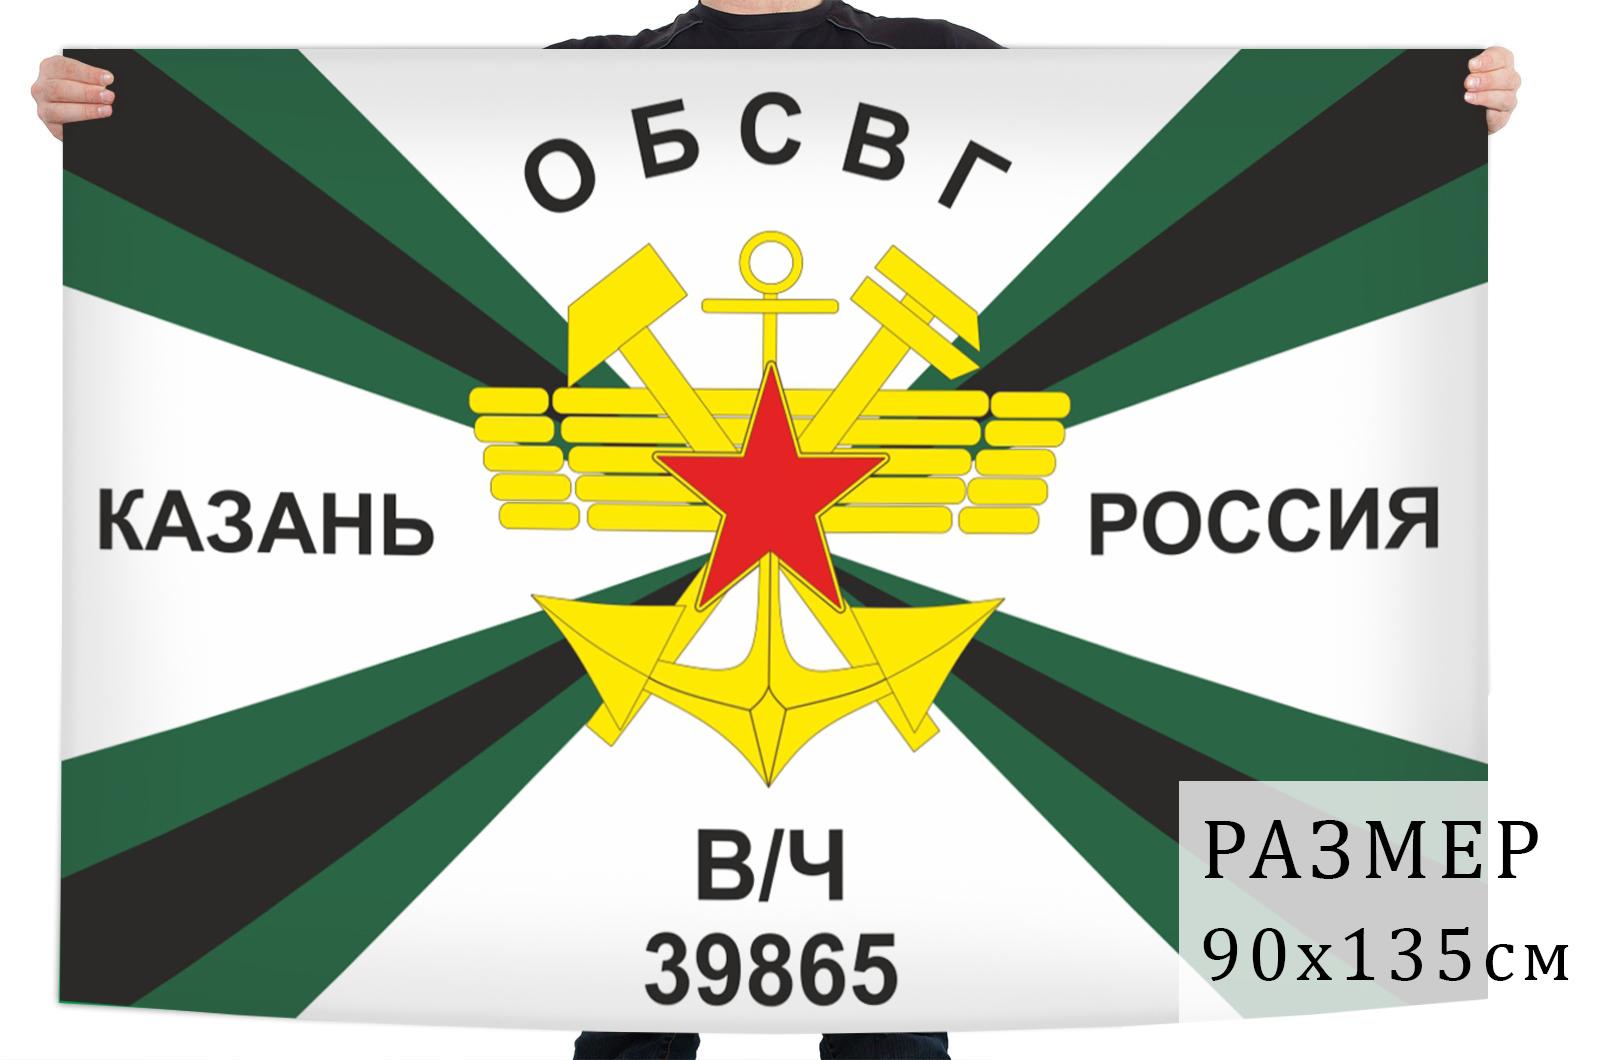 Купить онлайн флаг ОБСВГ Казань Россия в/ч 39865